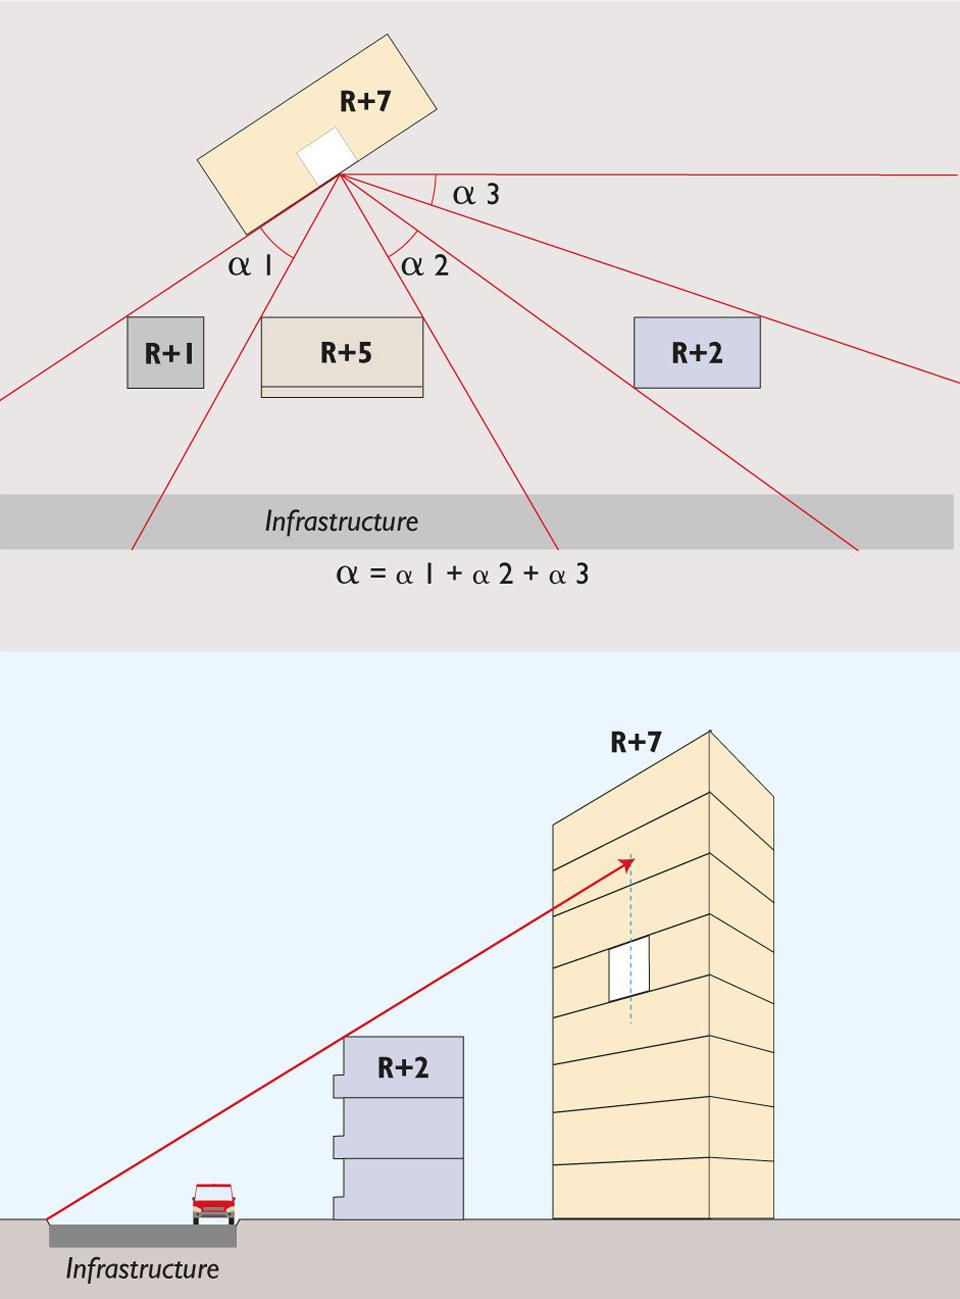 Valeur de l'angle de vue α pour un point situé au 4e étage au milieu de la façade d'un bâtiment R+7